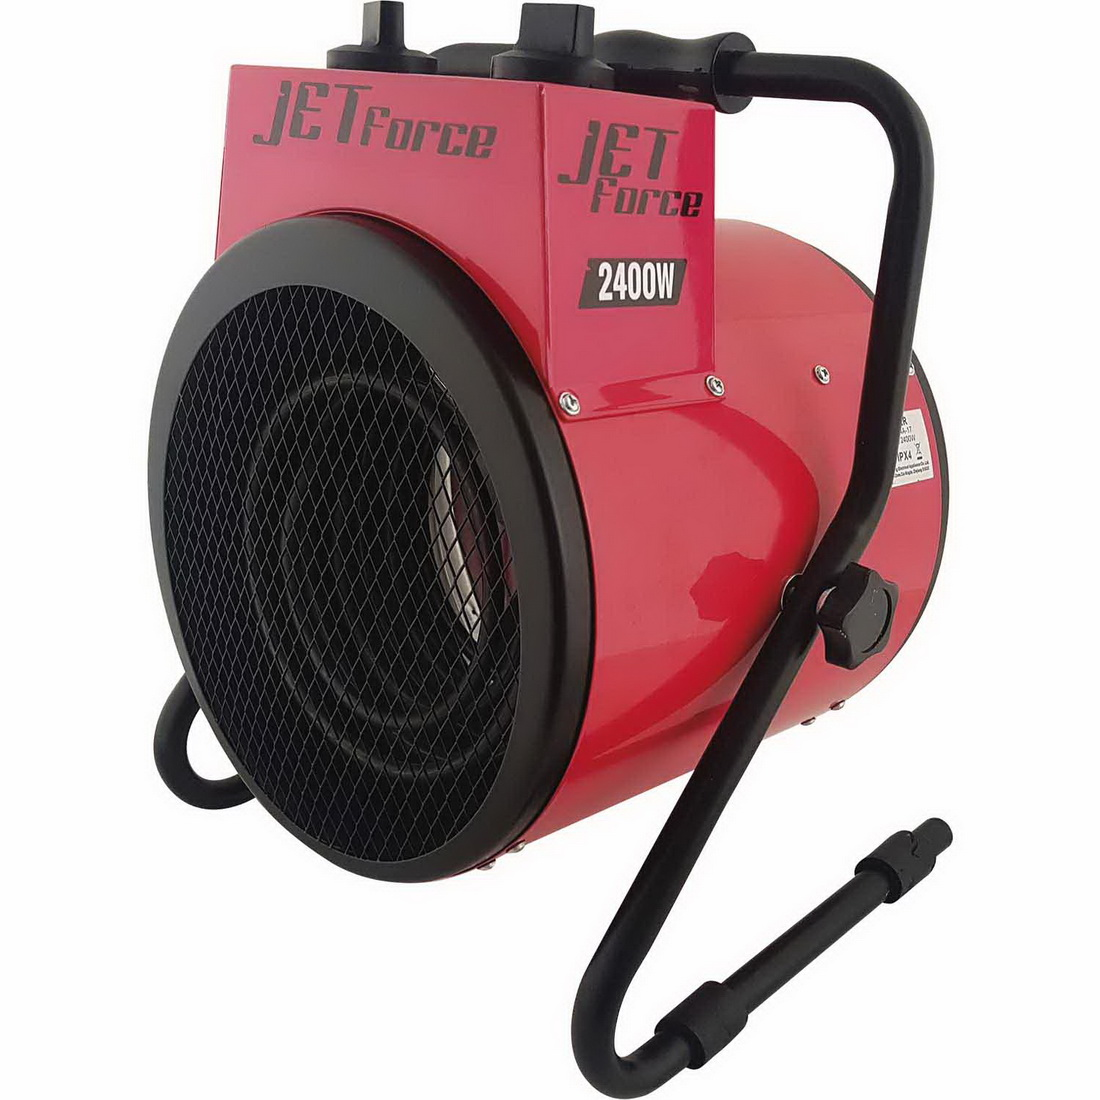 2400W Industrial Electric Fan Heater